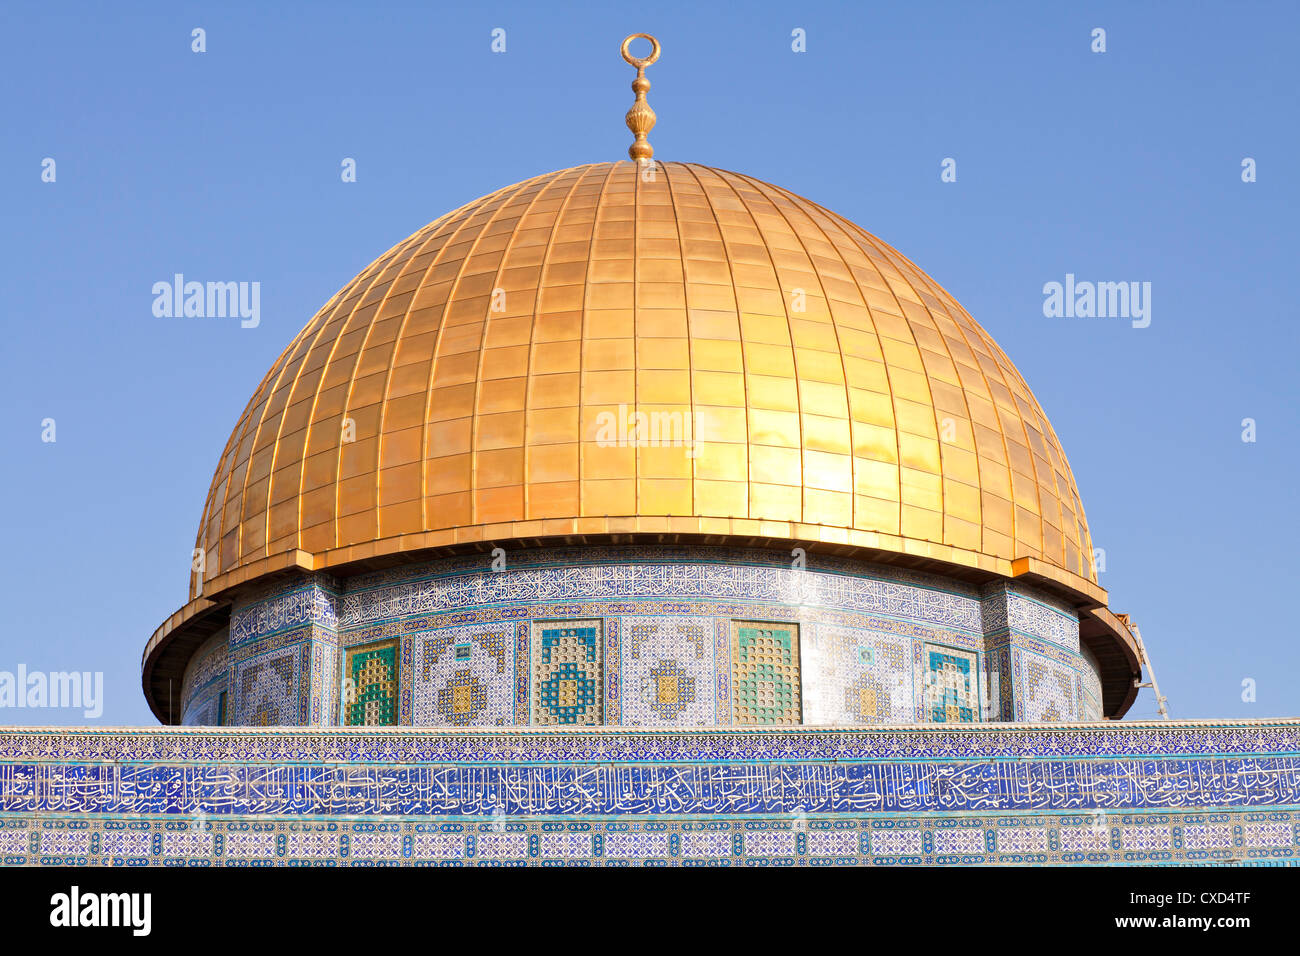 La cúpula de la roca, el Monte del Templo, la ciudad vieja, Patrimonio Mundial de la UNESCO, Jerusalem, Israel, Foto de stock